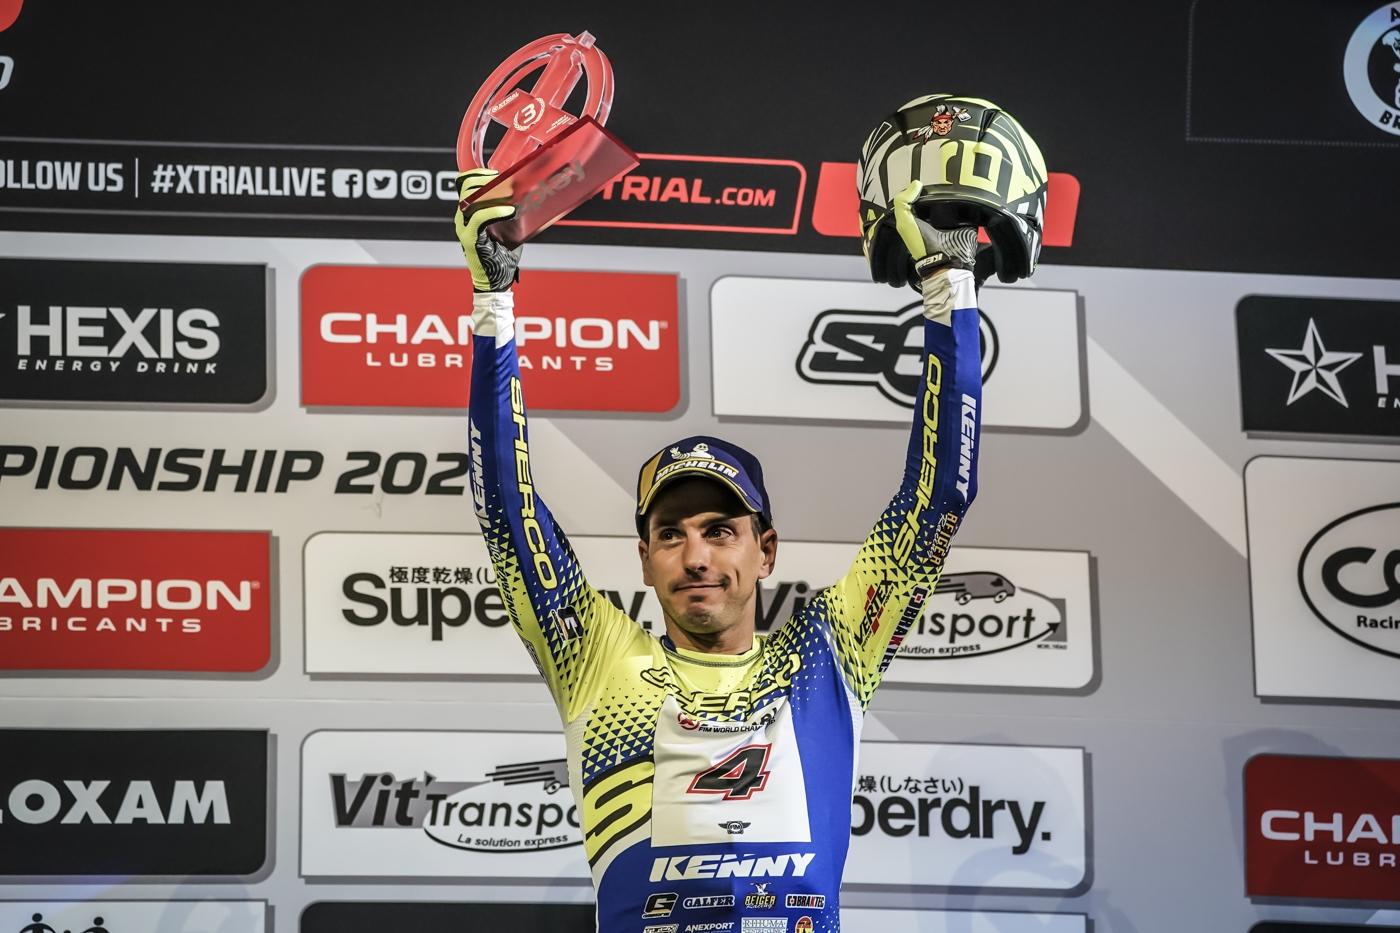 Lefujták az X-Trial világbajnokságot, Fajardo a világbajnoki harmadik